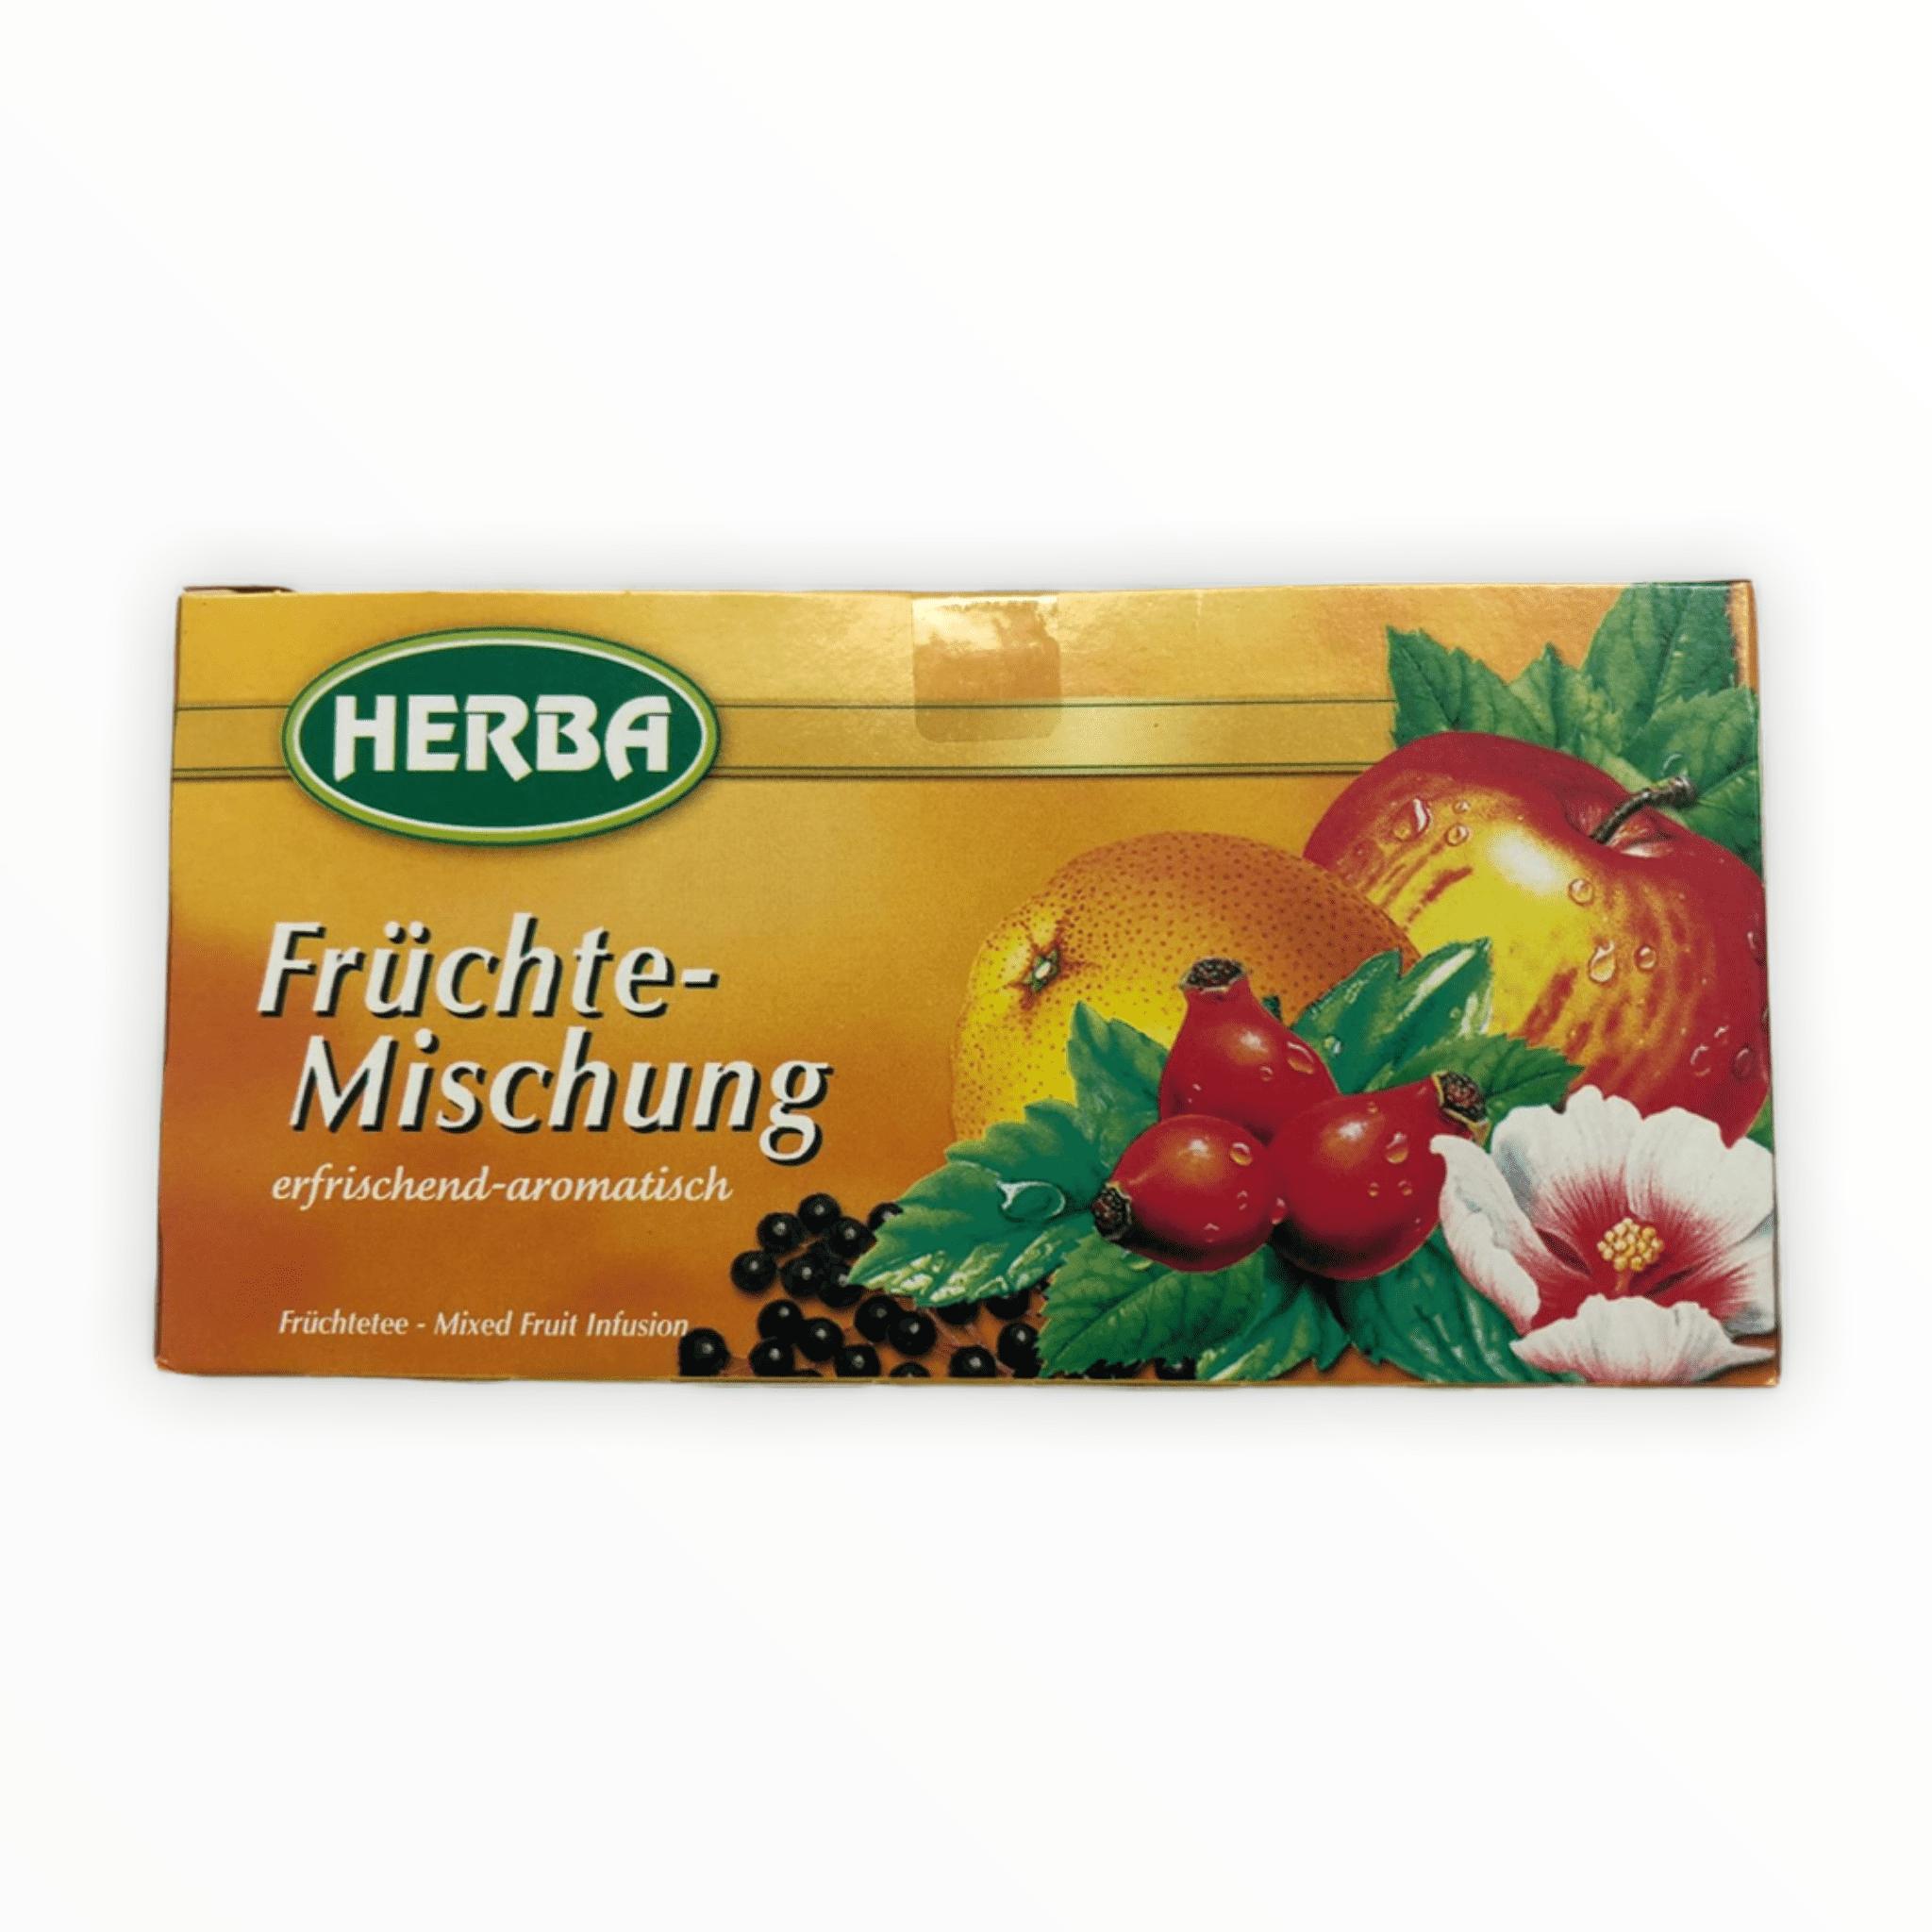 20er Packung Herba Tee Früchte-Mischung 40g